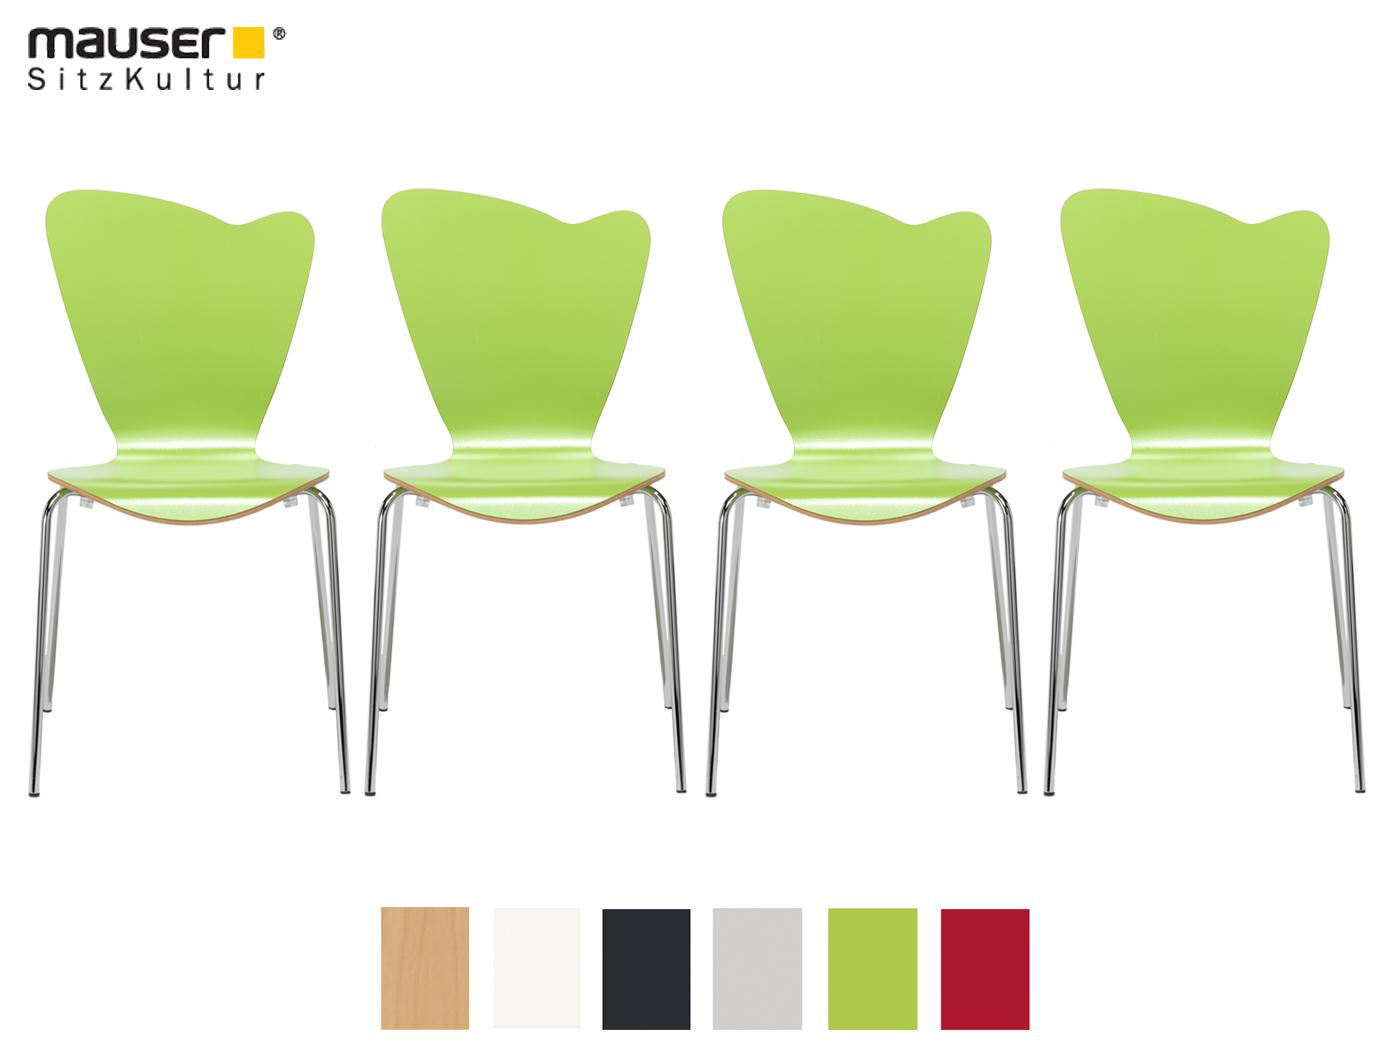 Anspruchsvoll Esszimmerstühle Grün Das Beste Von Das Bild Wird Geladen 4er-design-stuhl-heart-gruen-stapelstuhl- Esszimmerstuhl-bistrostuhl-